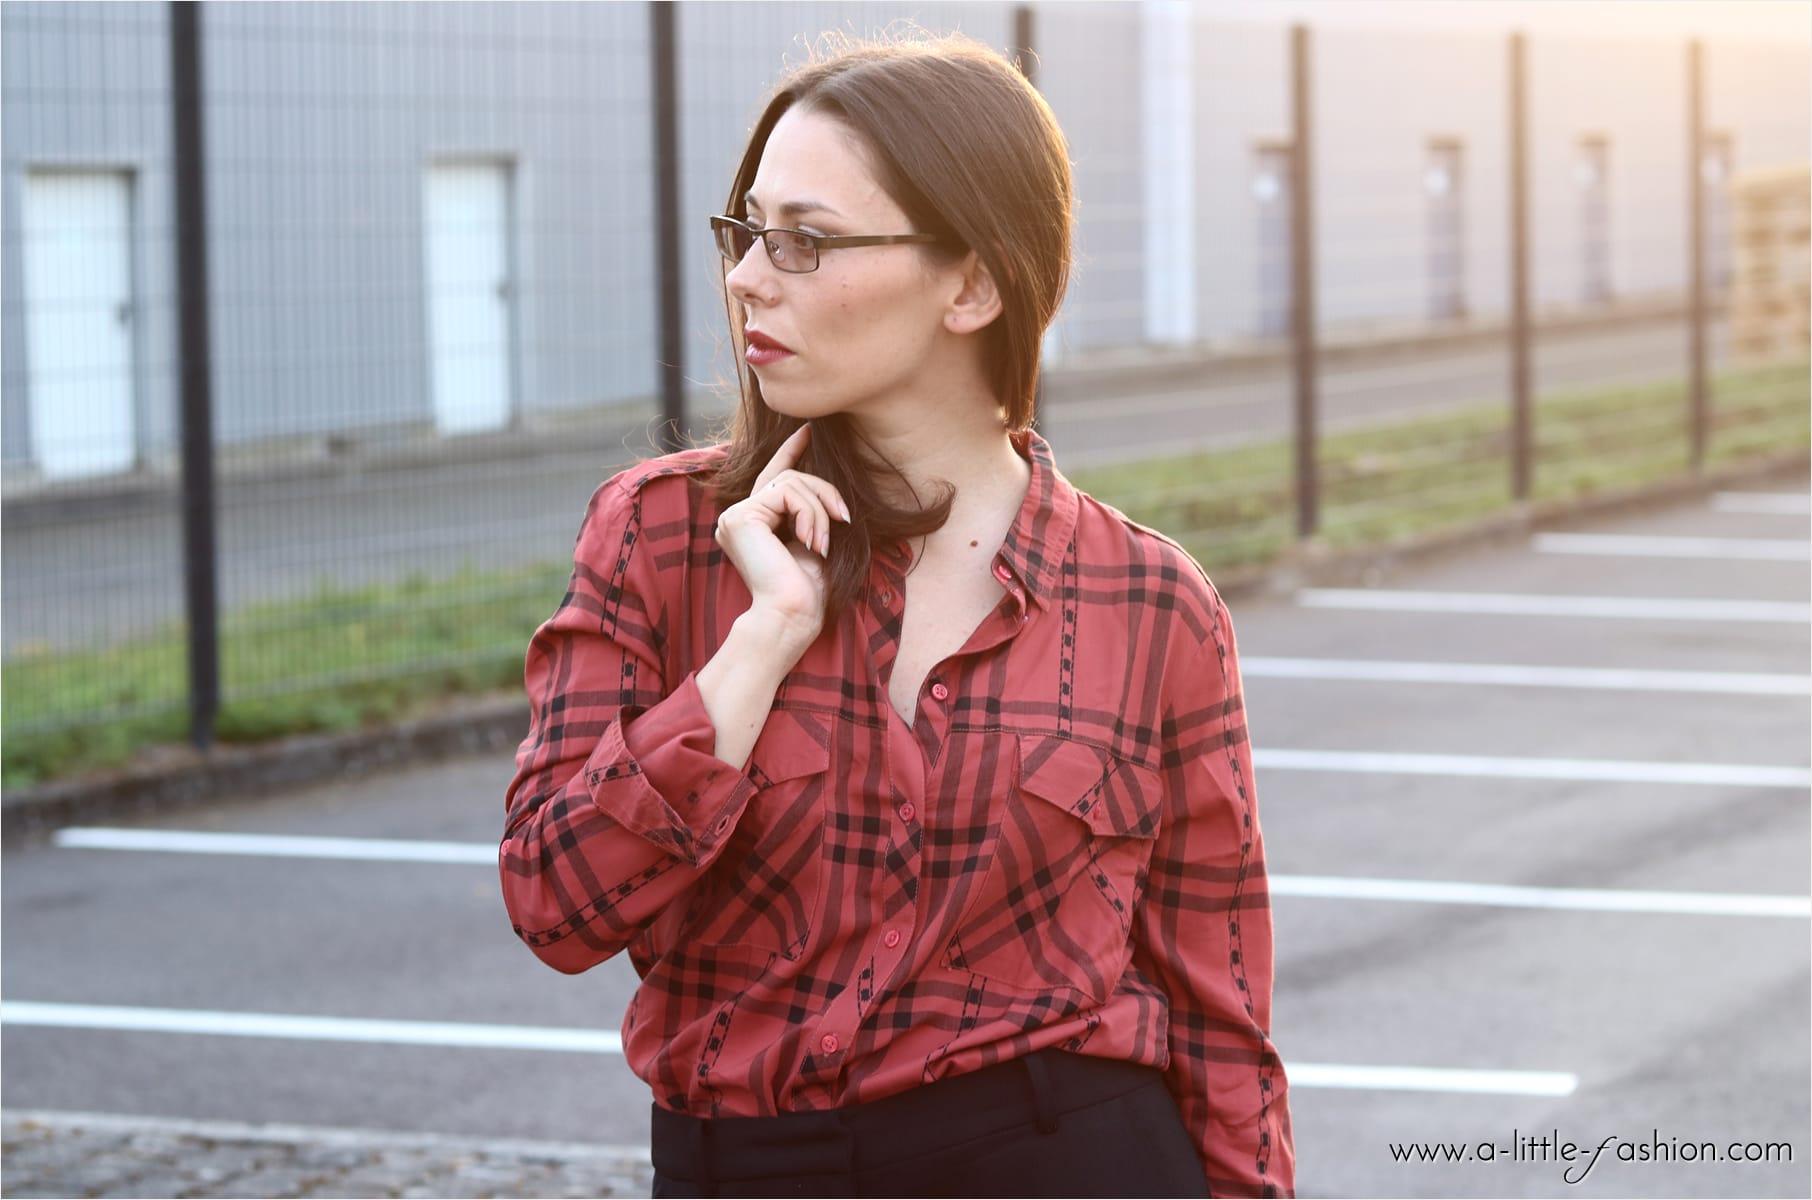 Das Karo-Hemd ist so vielseitig und beliebt. Besonders in knalligen Farben wird das Trend-Piece mit schnell zum stylischen Hingucker.